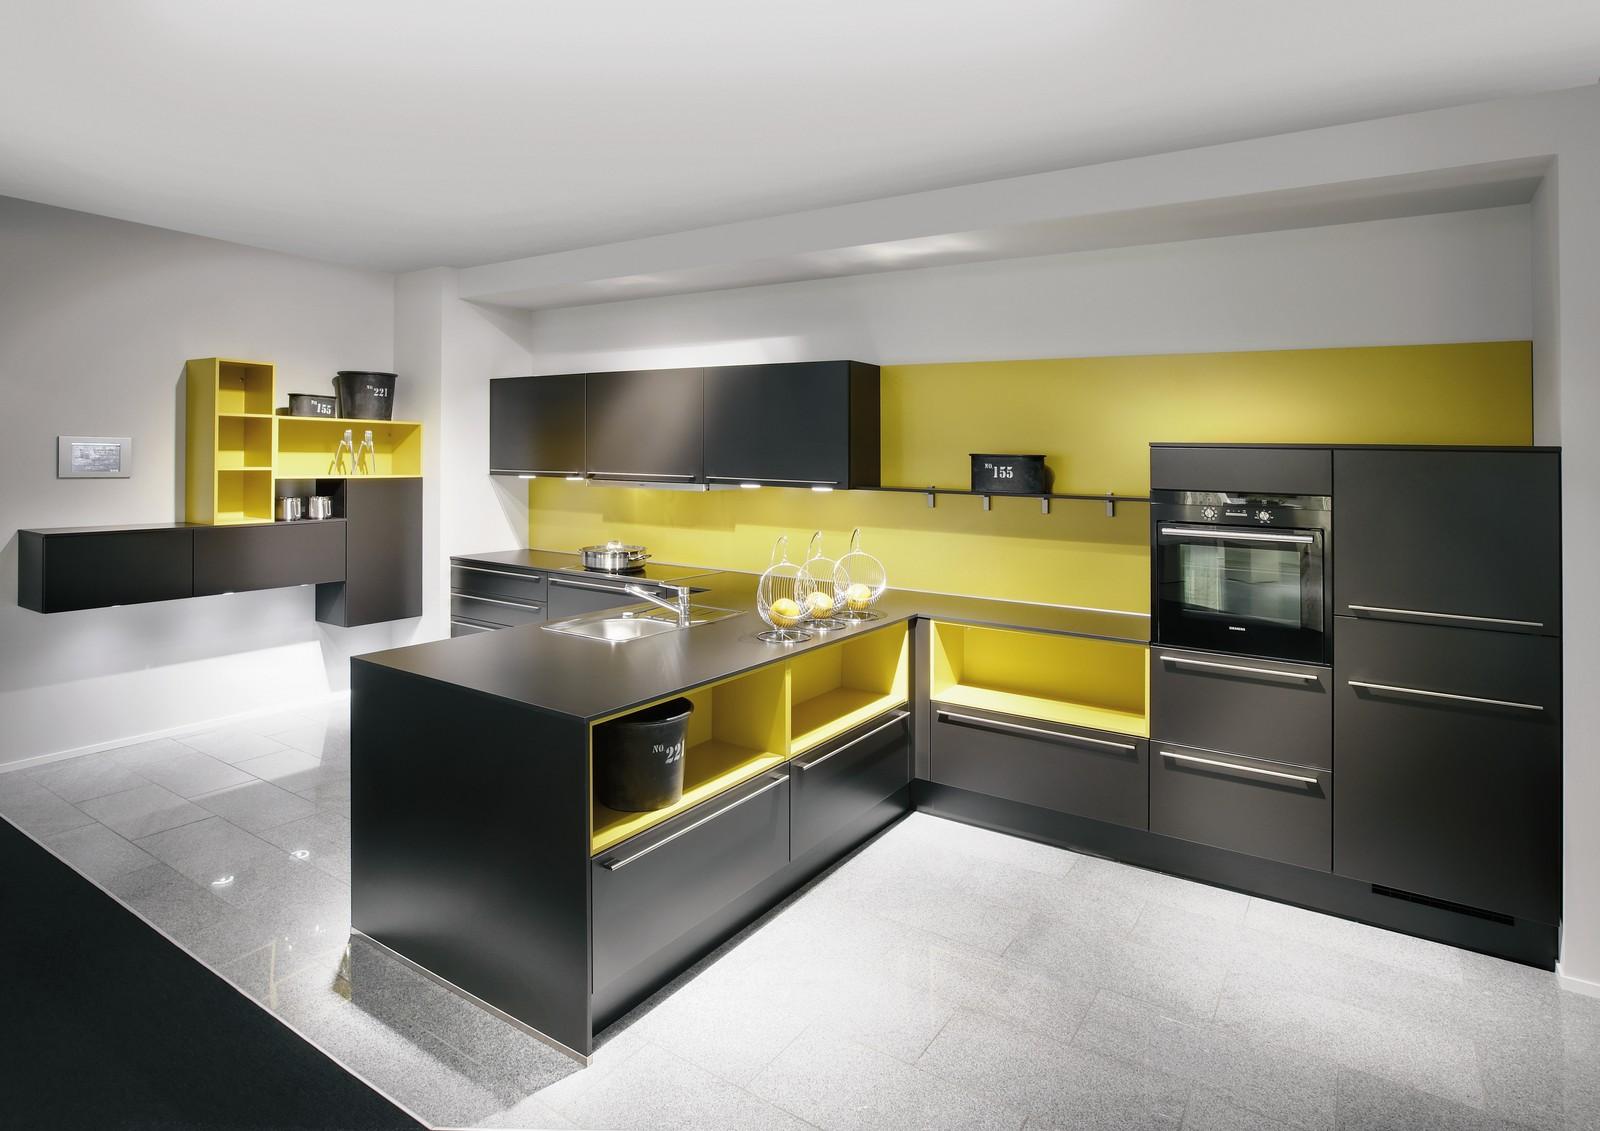 Cocinas de color amarillo - Cocinas rojas modernas ...